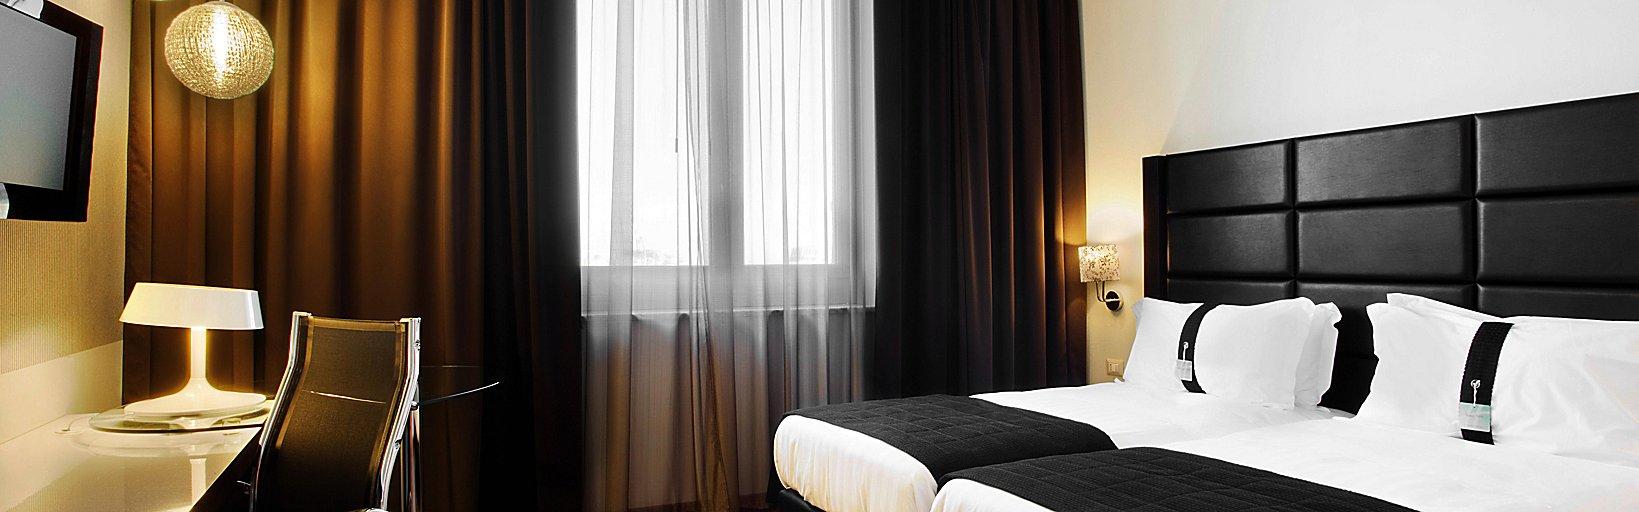 Letto Matrimoniale A Genova.Holiday Inn Genova Hotels Holiday Inn Genoa City Hotel Room Rates